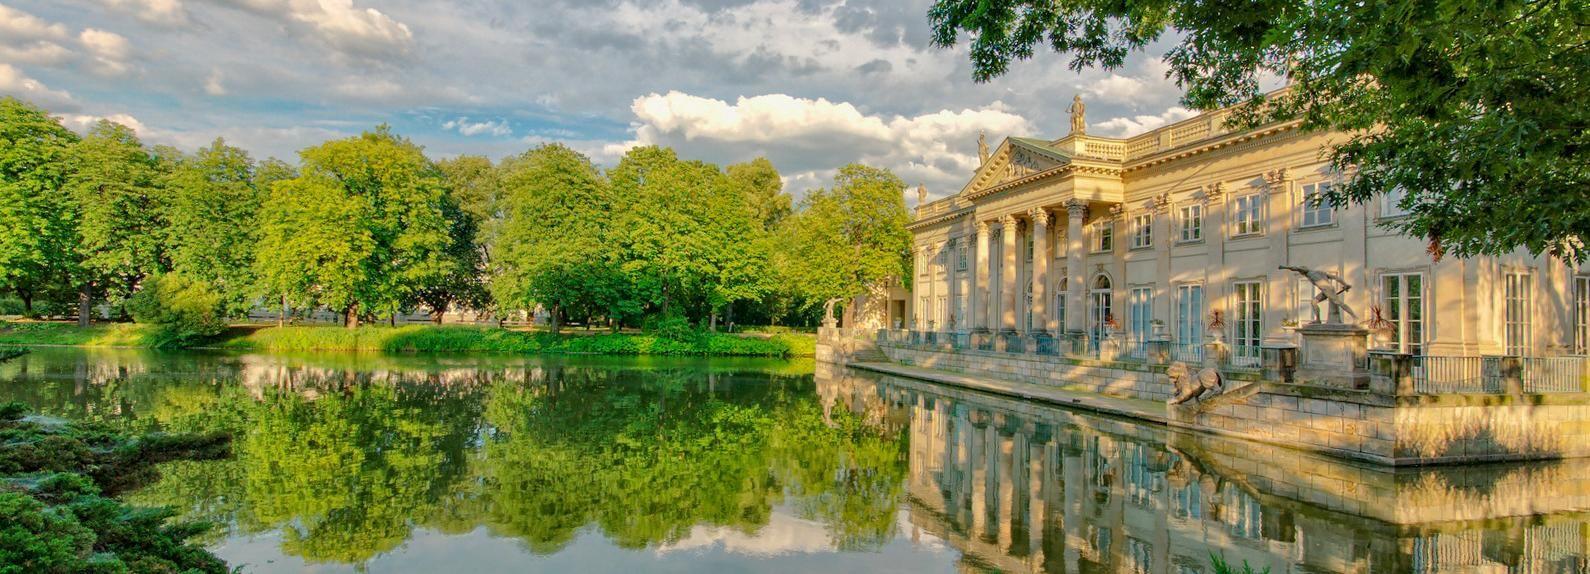 Varsavia: tour storico di gruppo con transfer da/per l'hotel